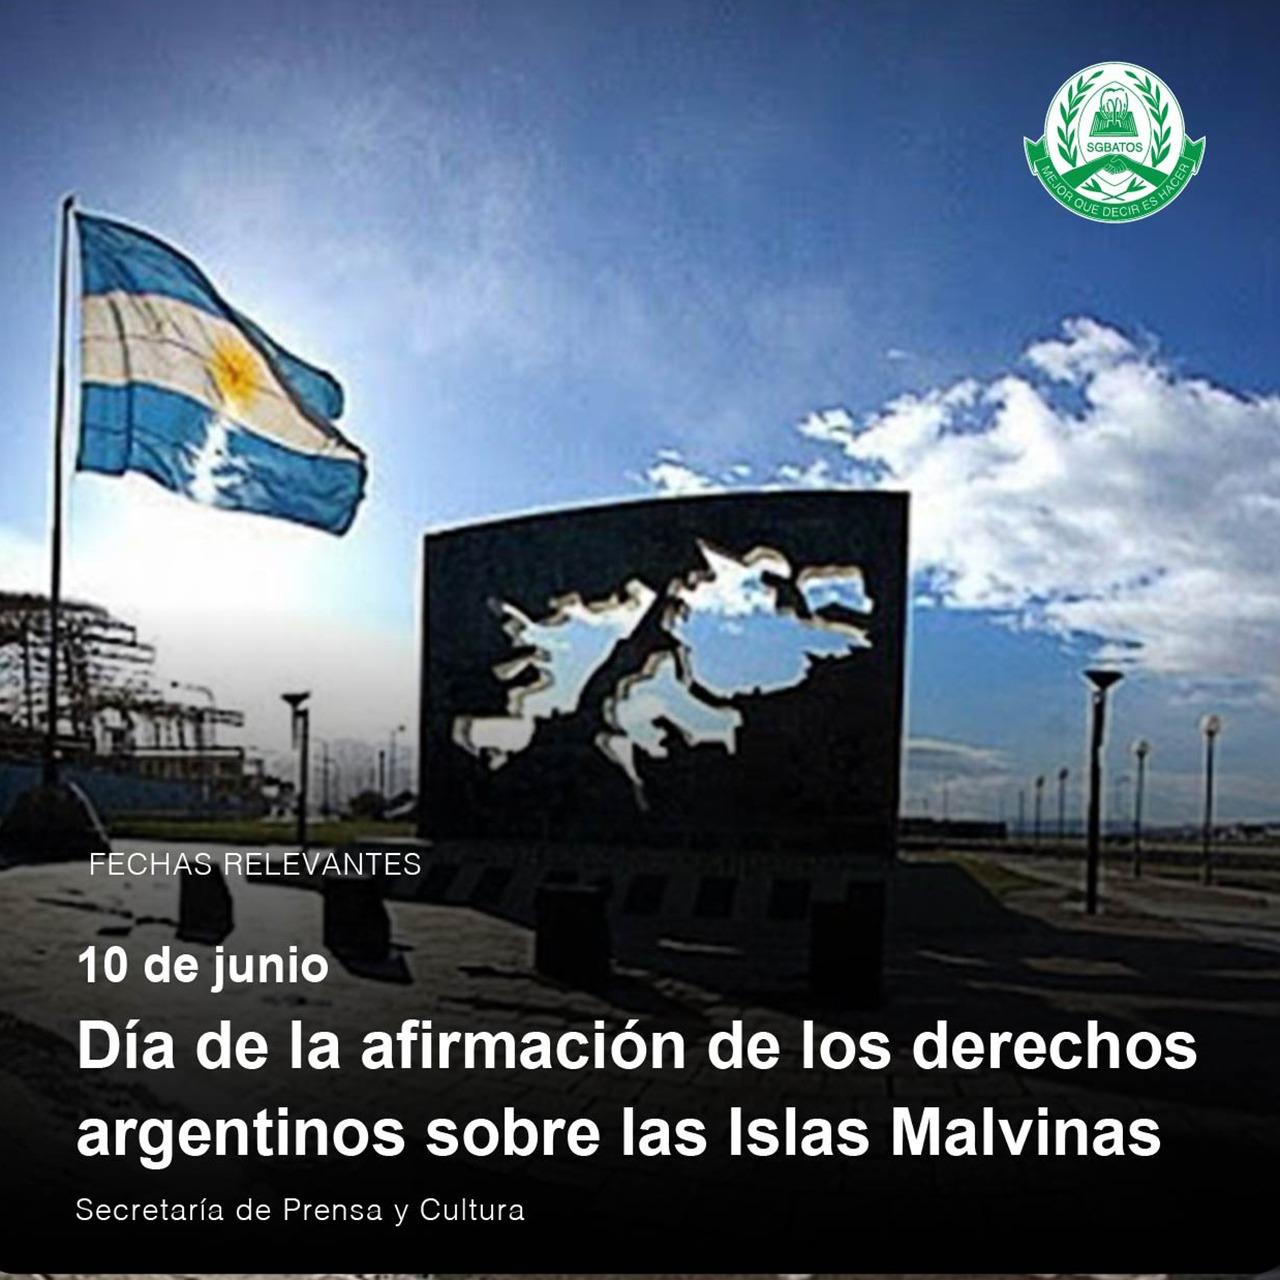 10 de junio – Día de la afirmación de los derechos argentinos sobre las Islas Malvinas